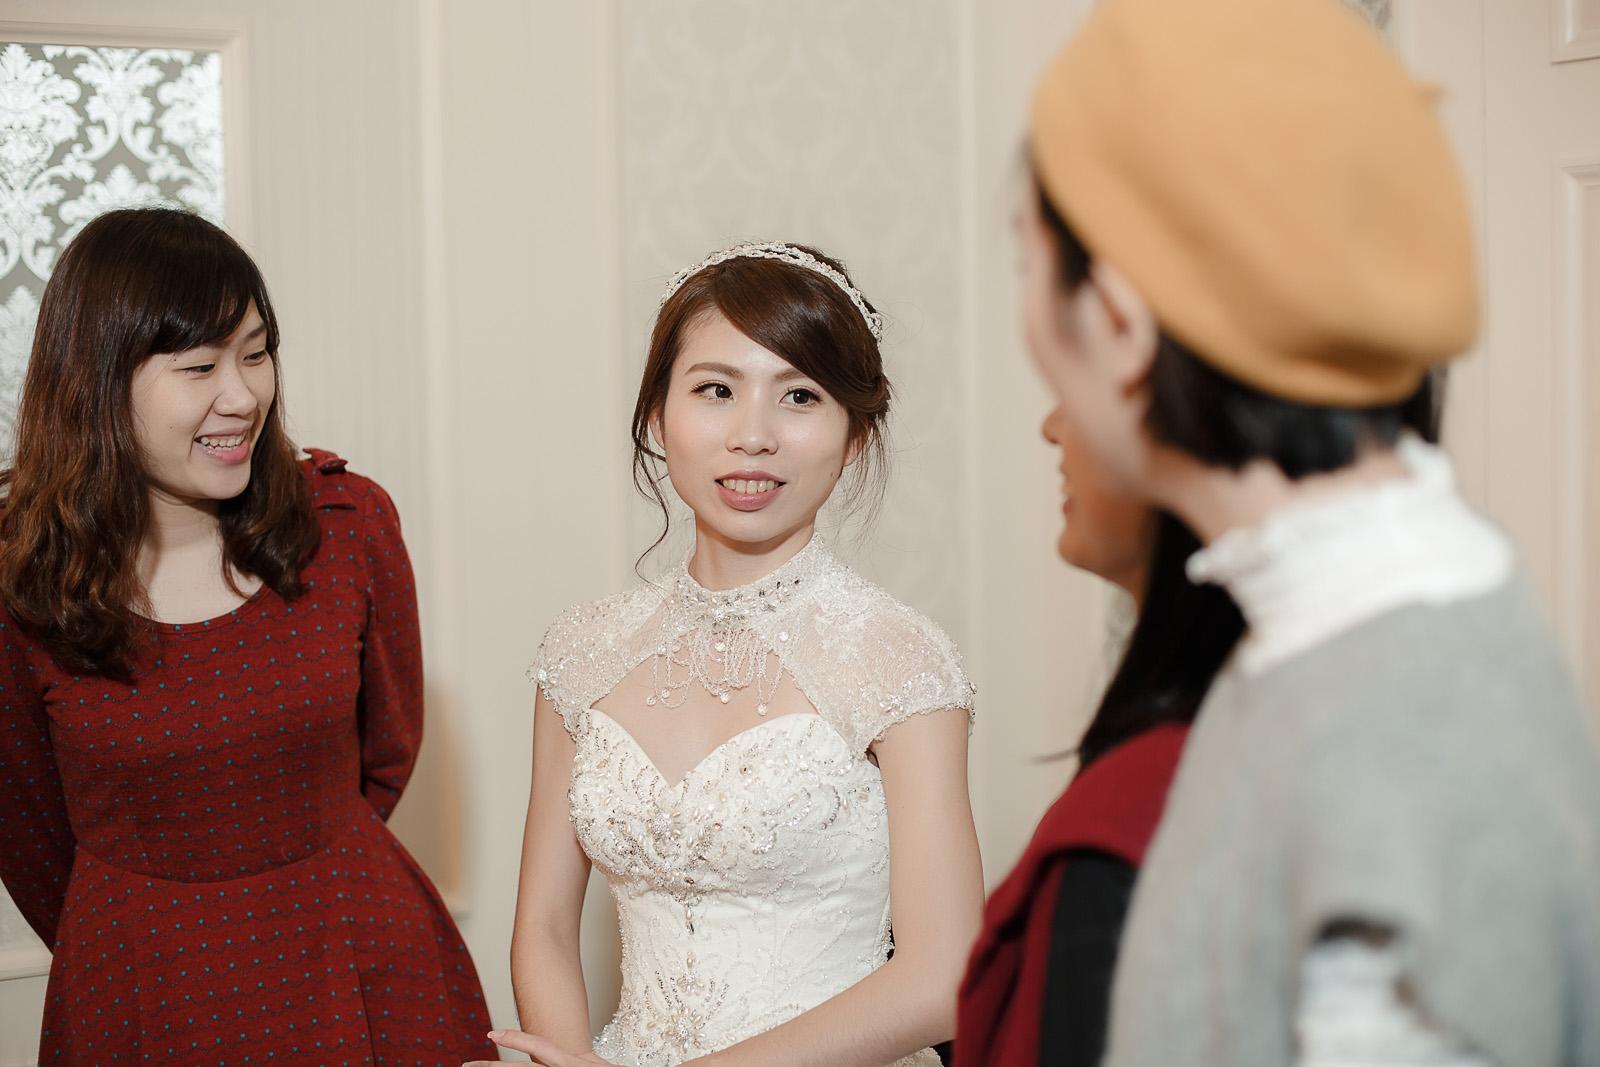 高雄圓山飯店,婚禮攝影,婚攝,高雄婚攝,優質婚攝推薦,Jen&Ethan-224